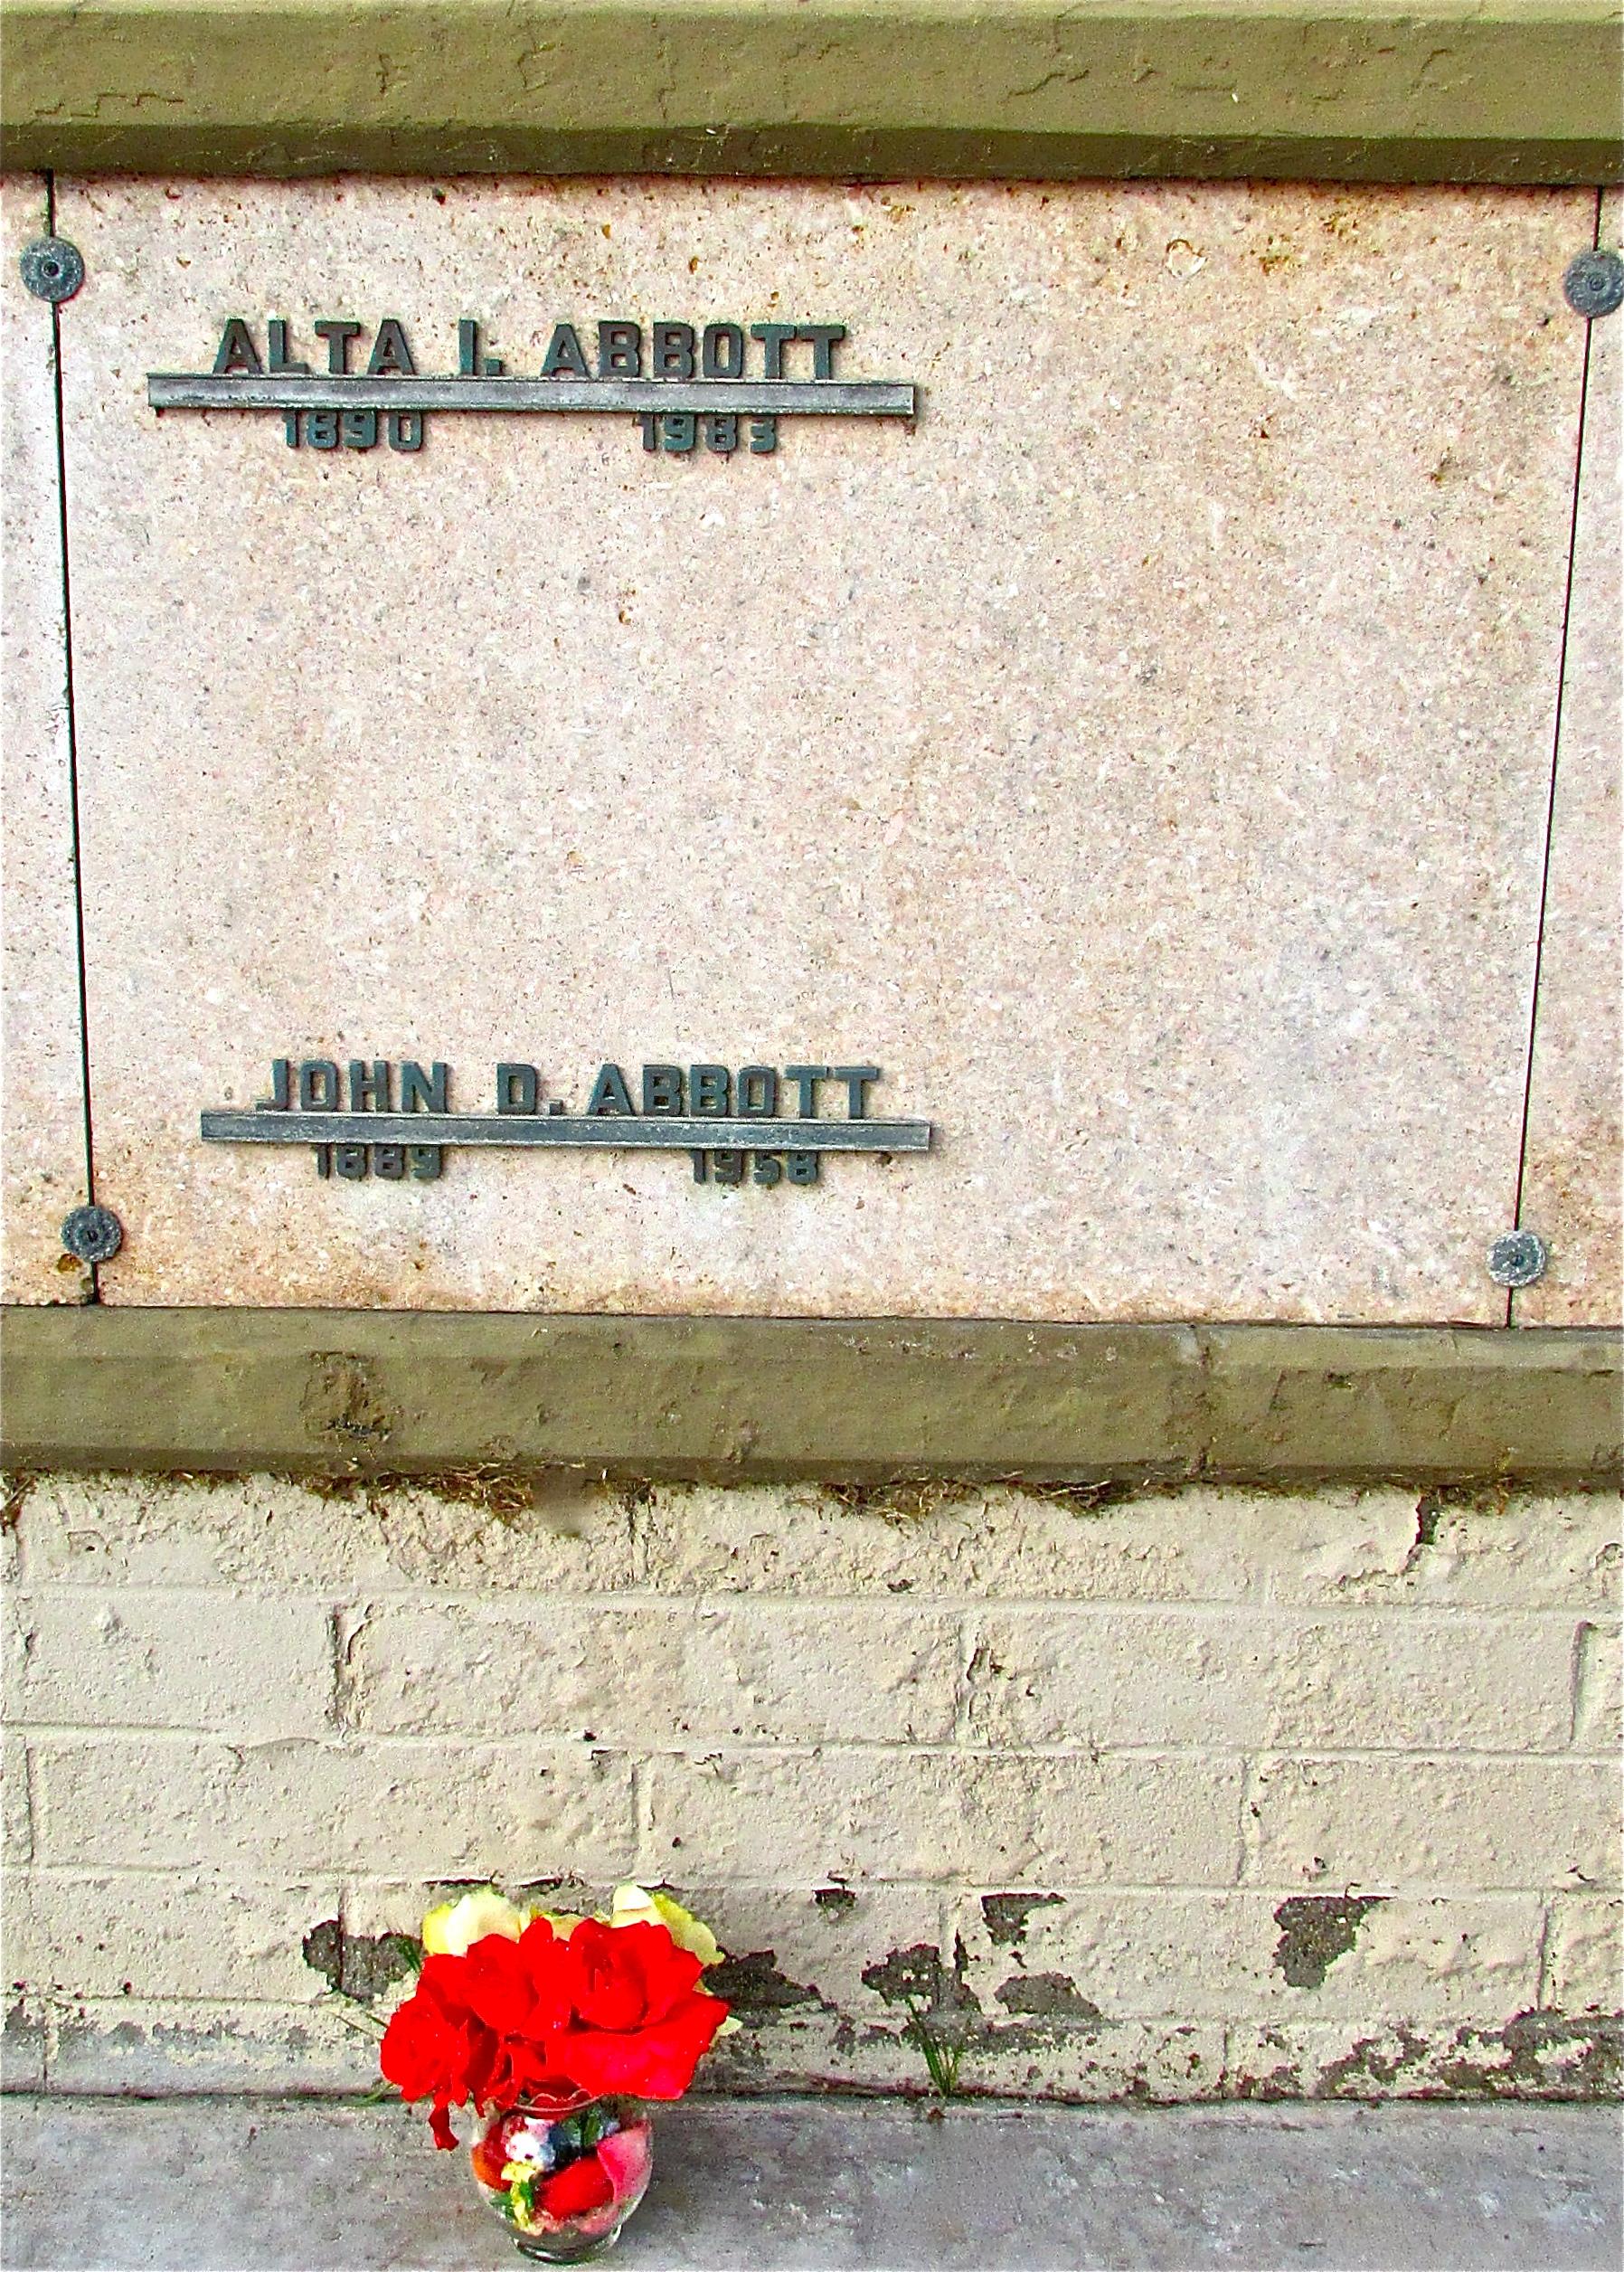 John DeForest Abbott